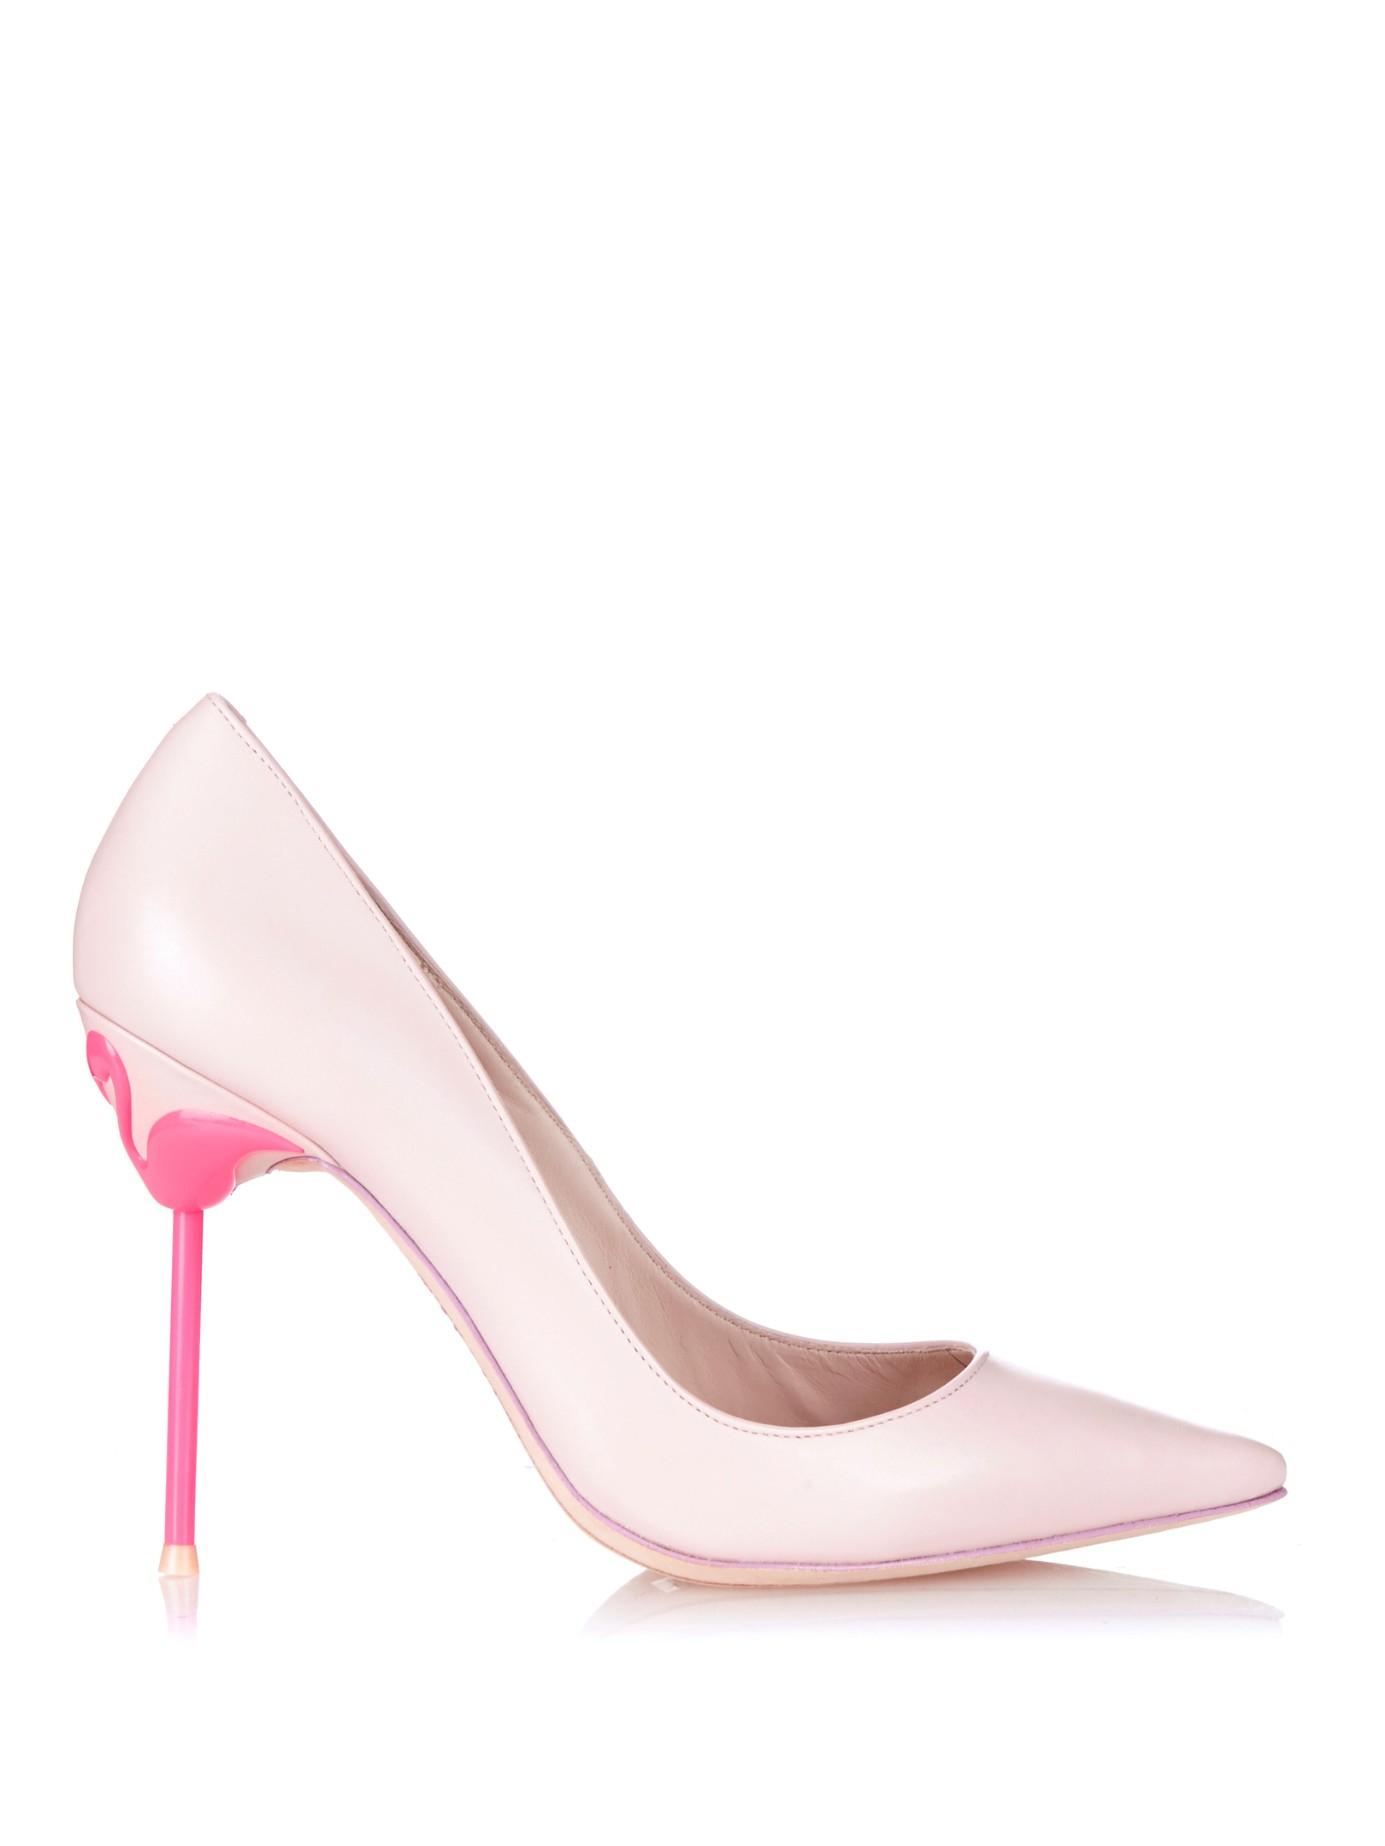 flamingo island sex in heels